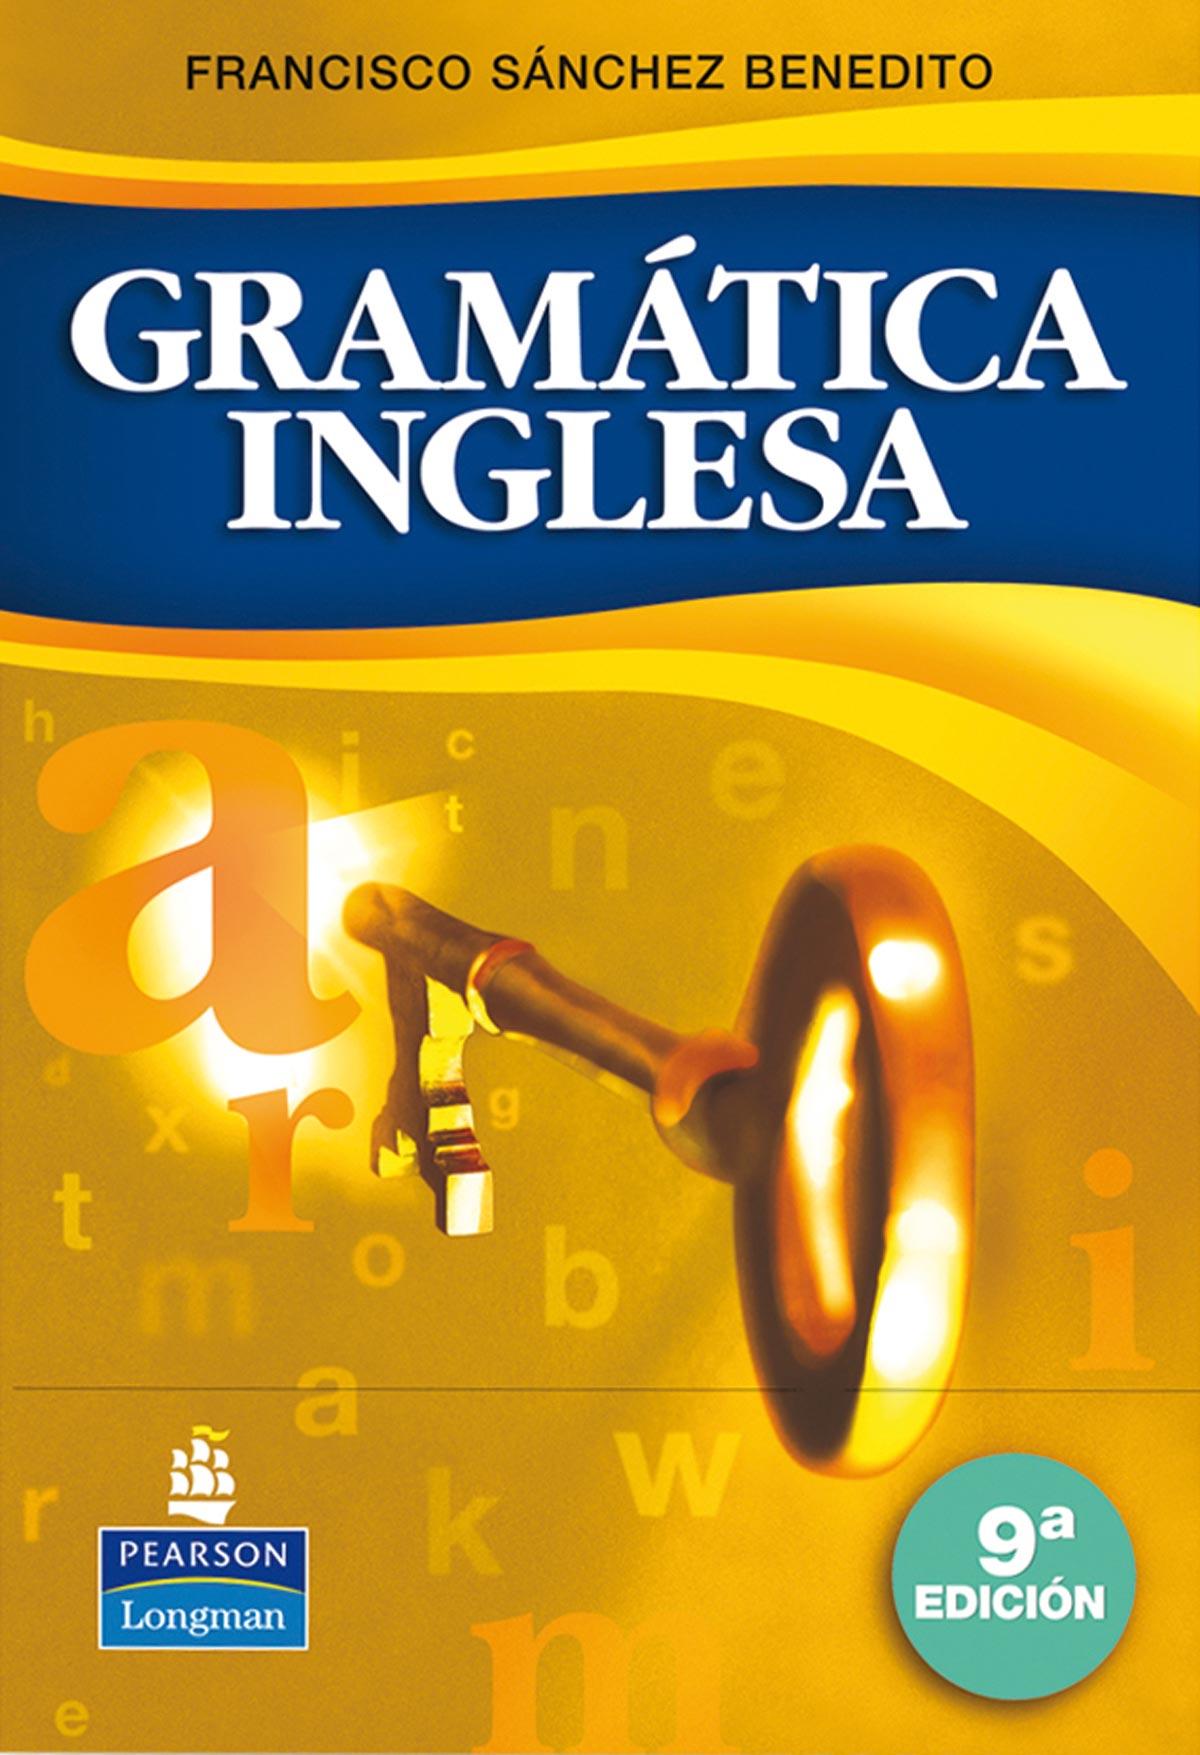 Gramatica Inglesa (9ªed.) por Francisco Sanchez Benedito Gratis